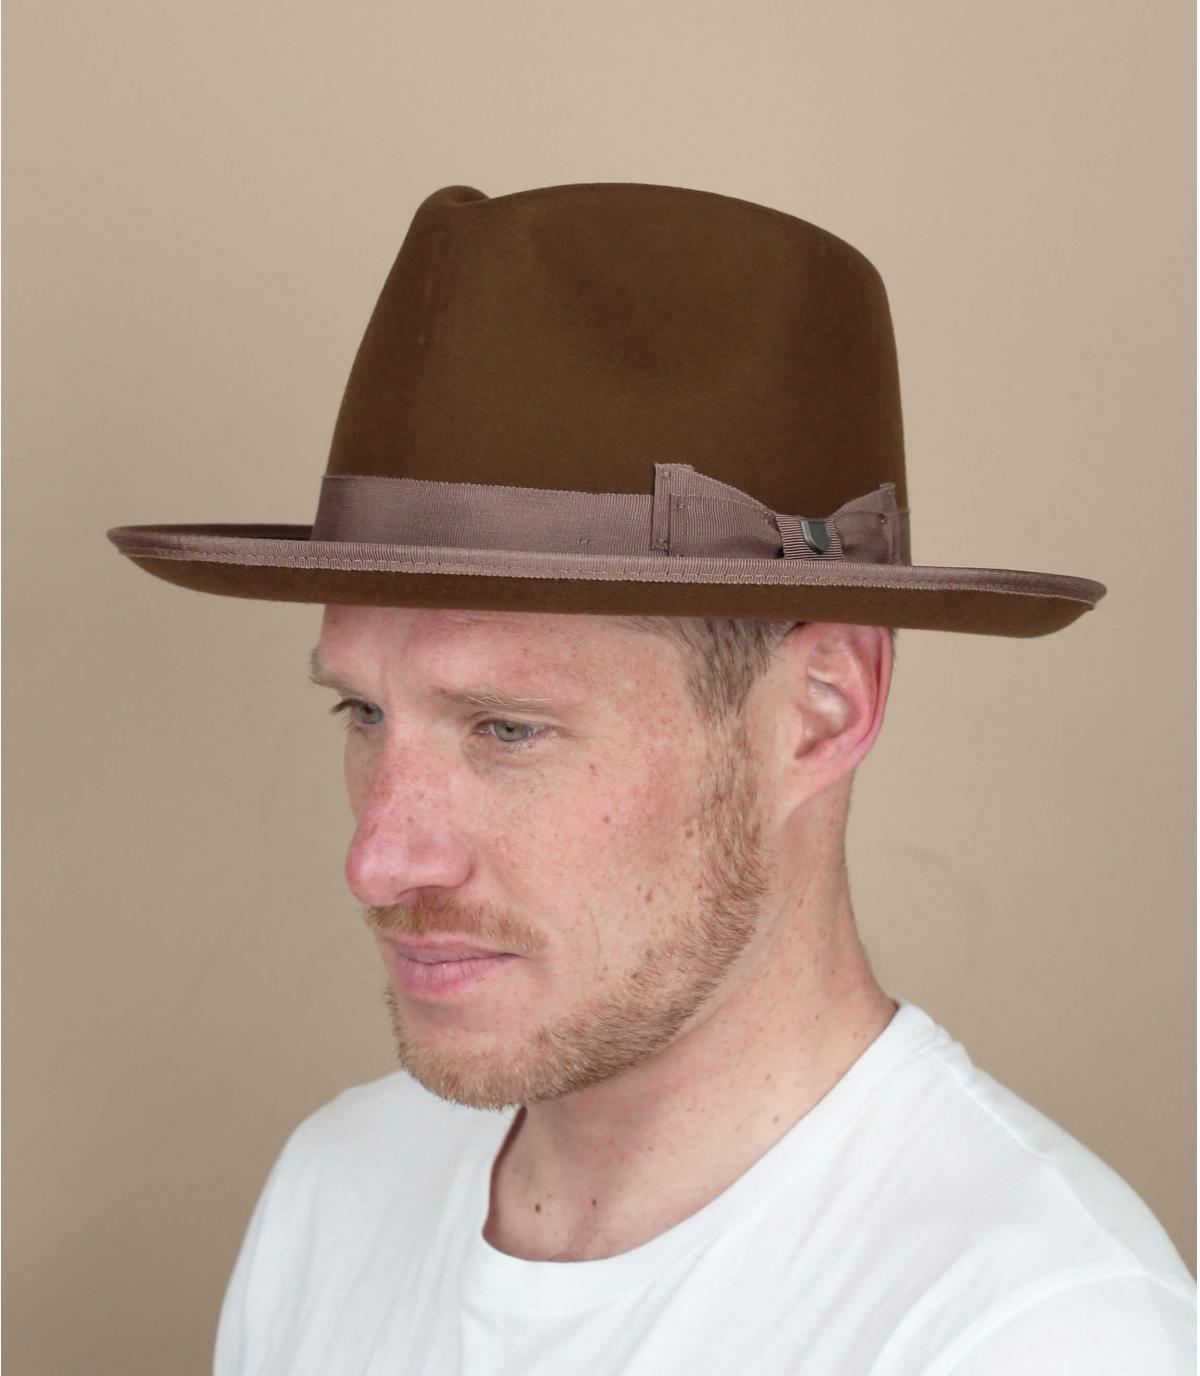 Brixton brown Norfolk hat